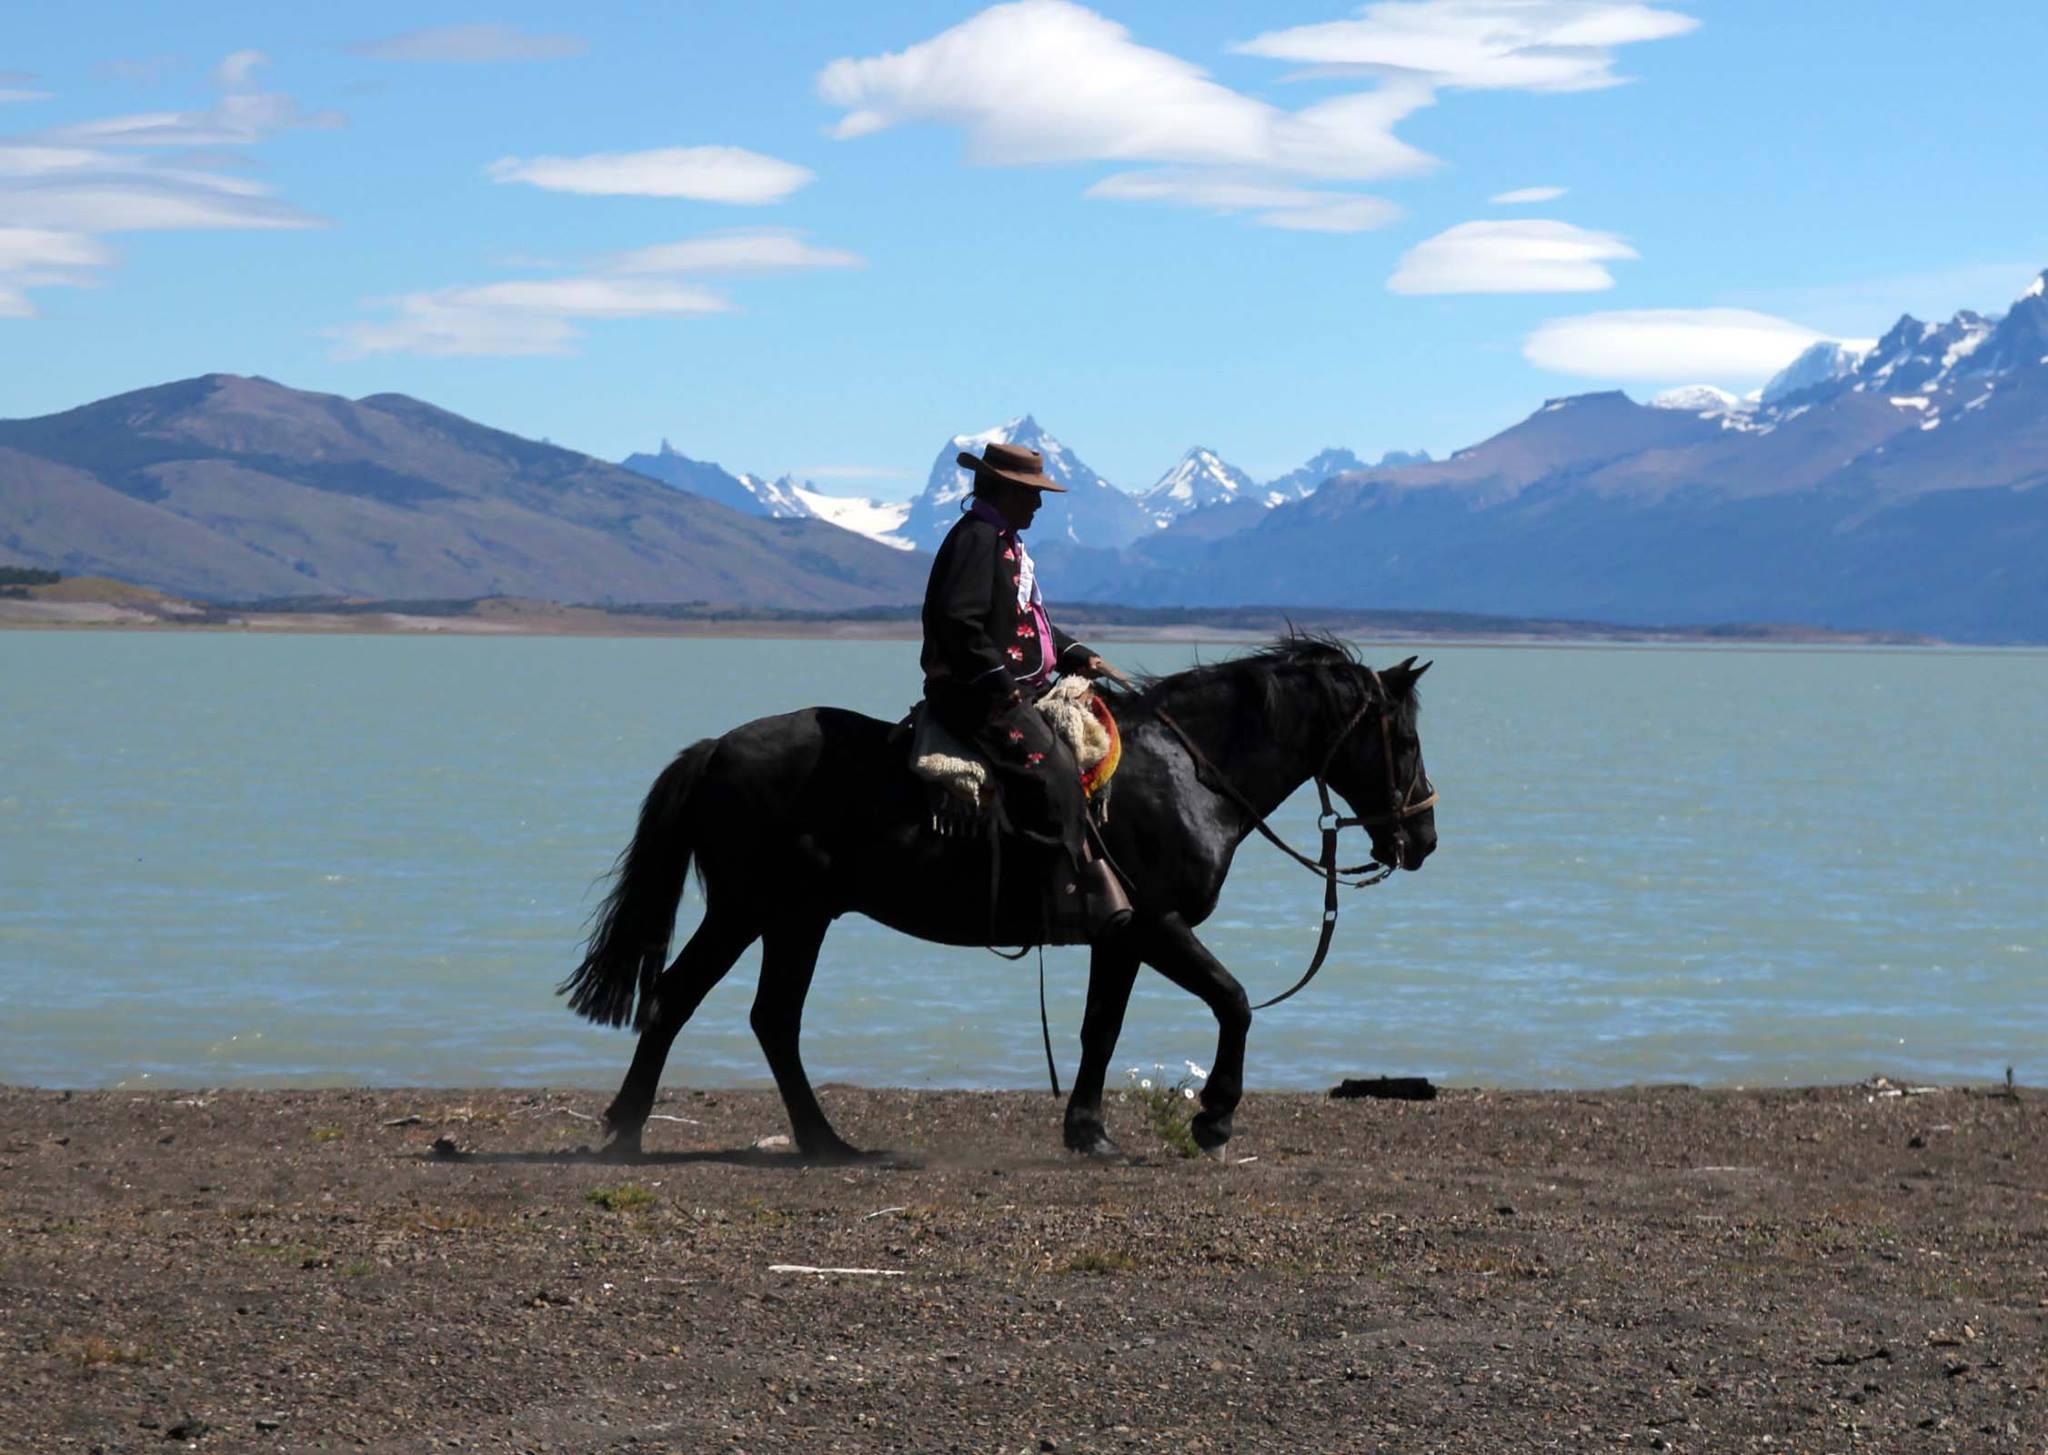 Gaucho riding at lake shore